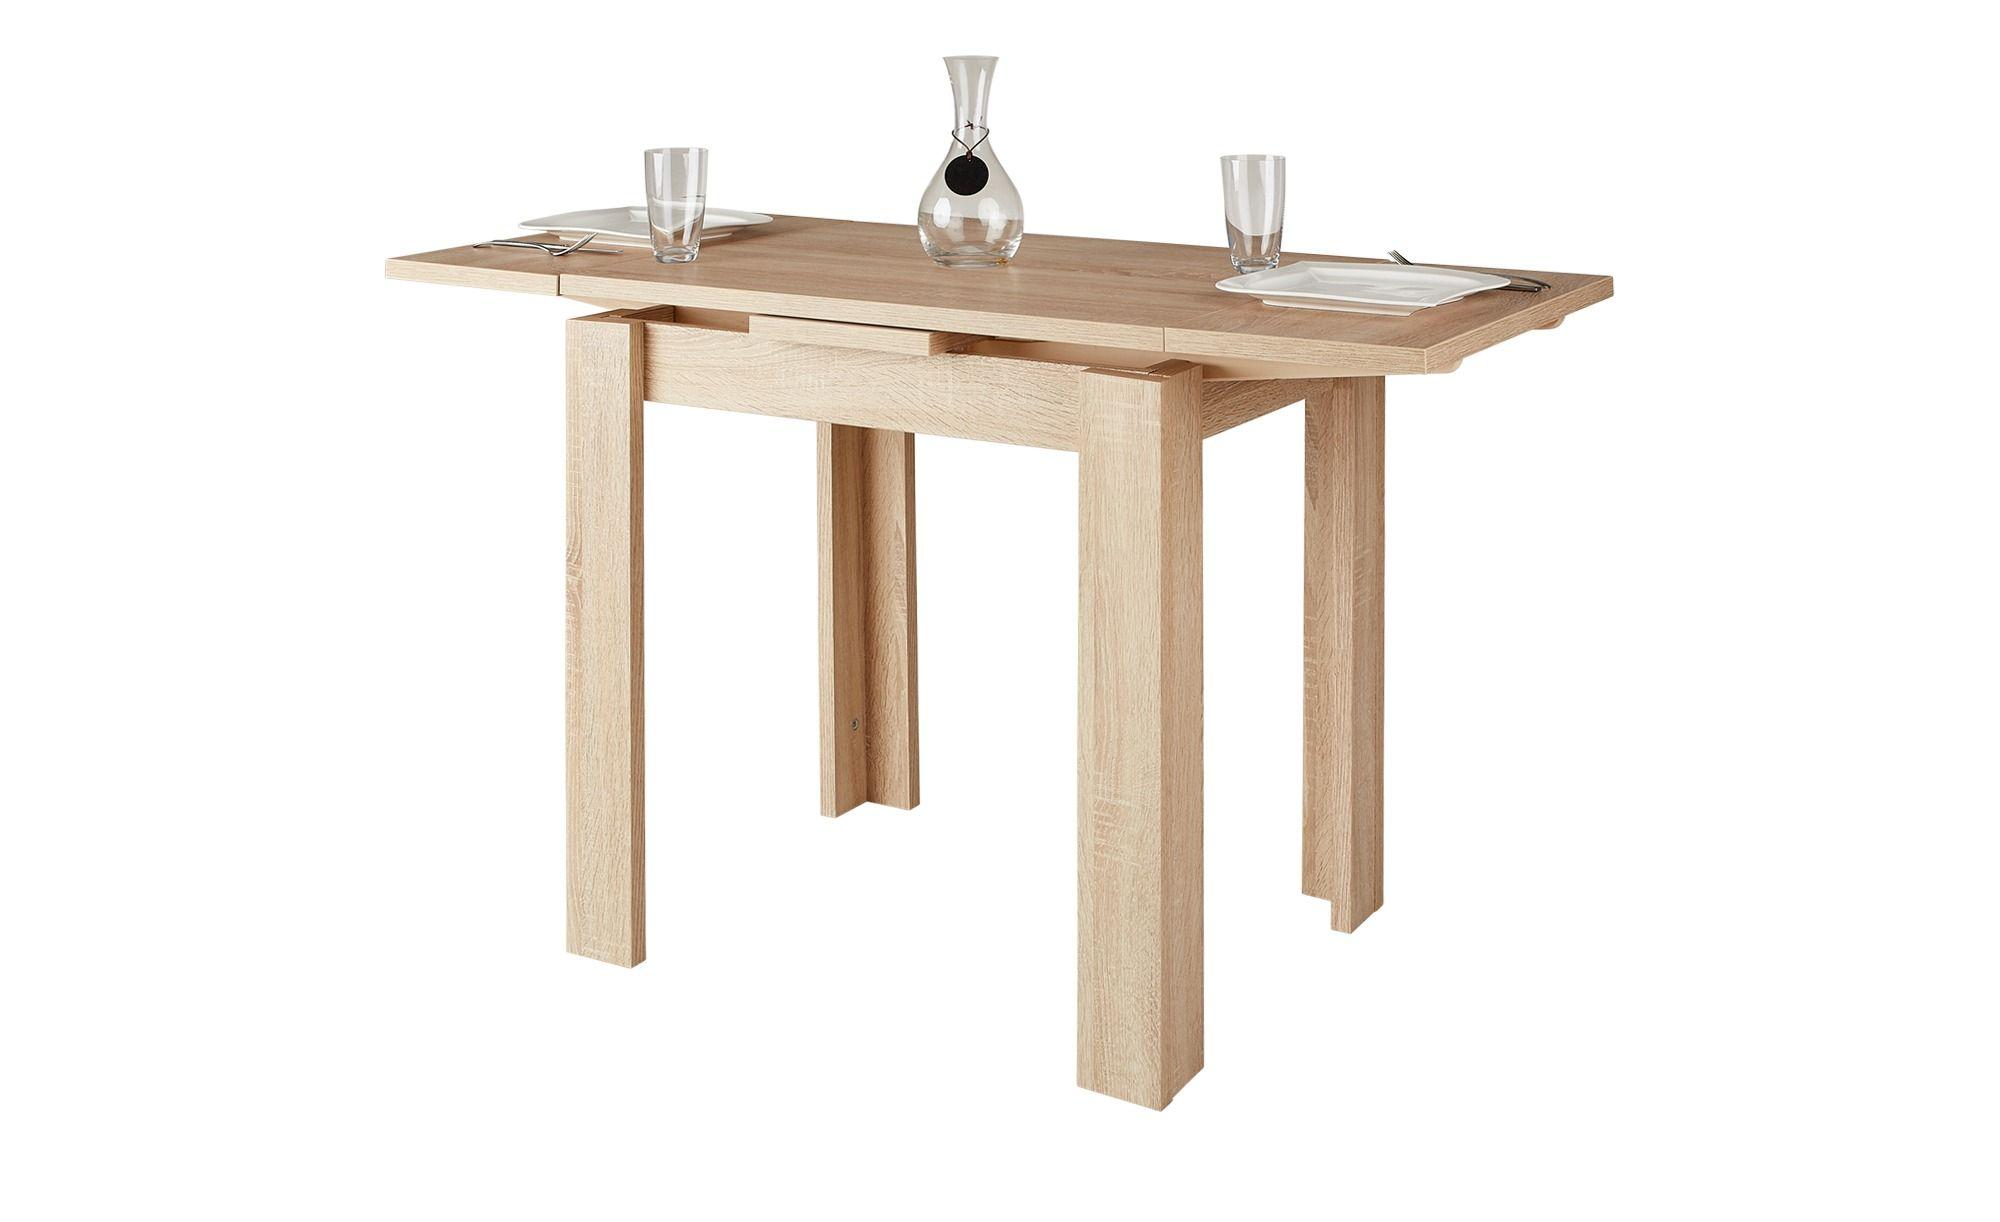 Esstisch FleX Esstisch, Tisch und Esstisch ausziehbar